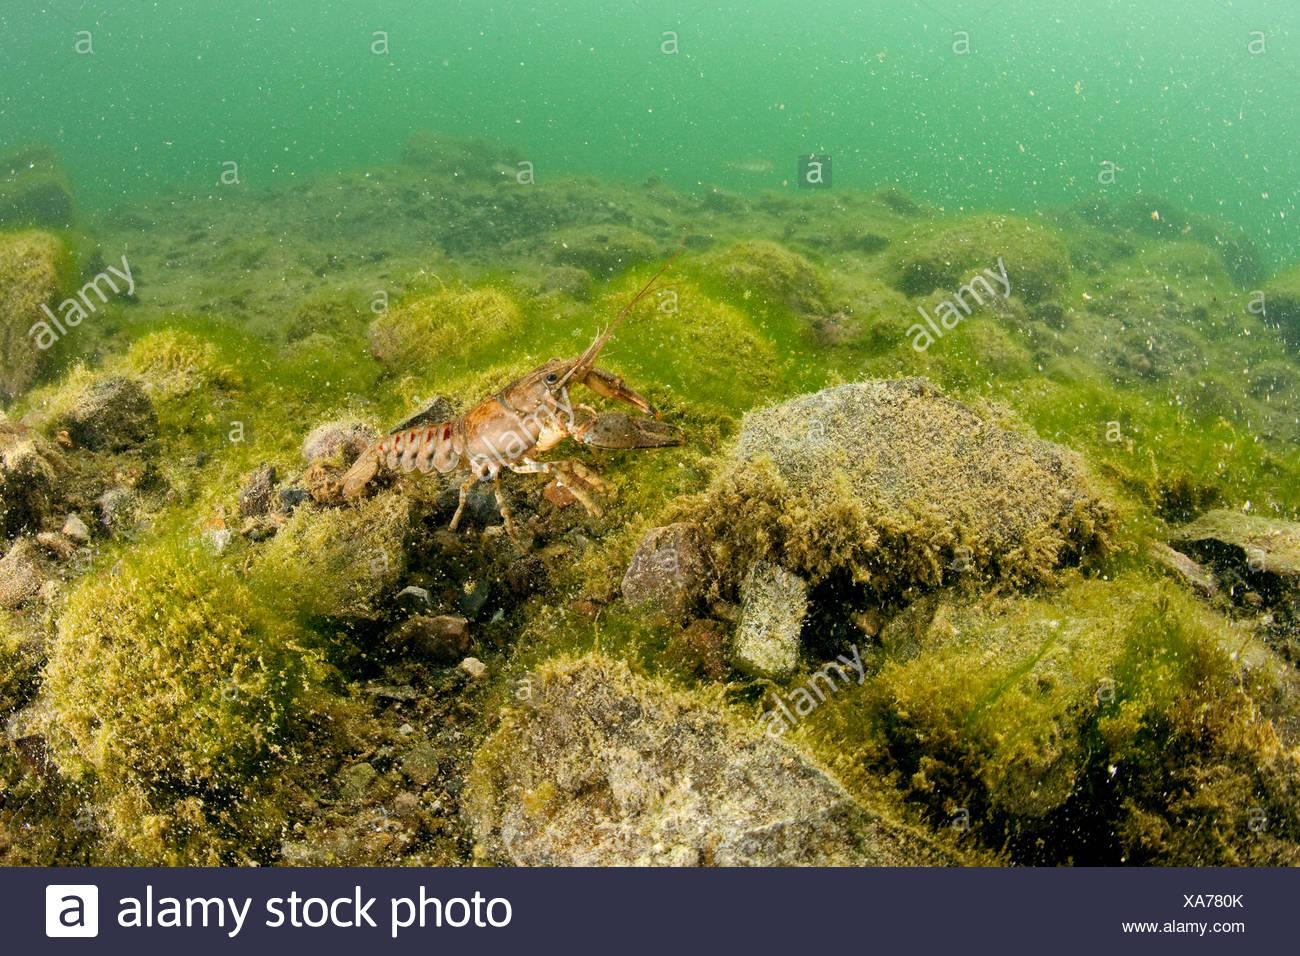 Crayfish in Lake, Orconectes limosus, Lake Lugano, Ticino, Switzerland - Stock Image